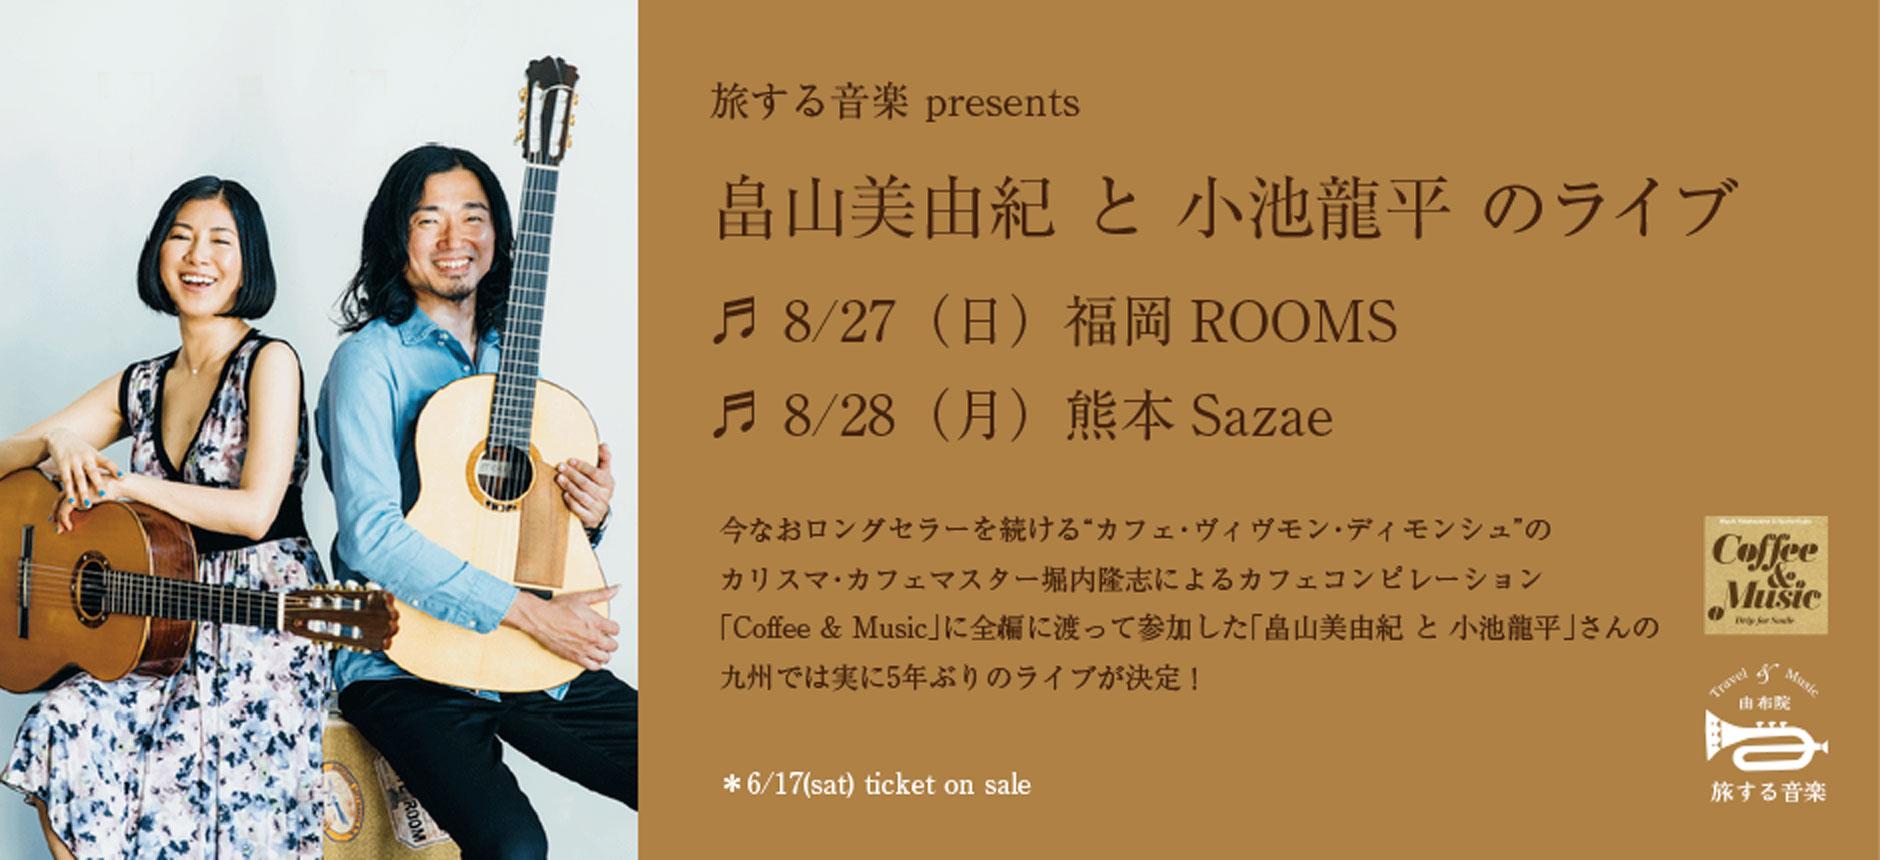 畠山美由紀と小池龍平のライブ 九州2公演